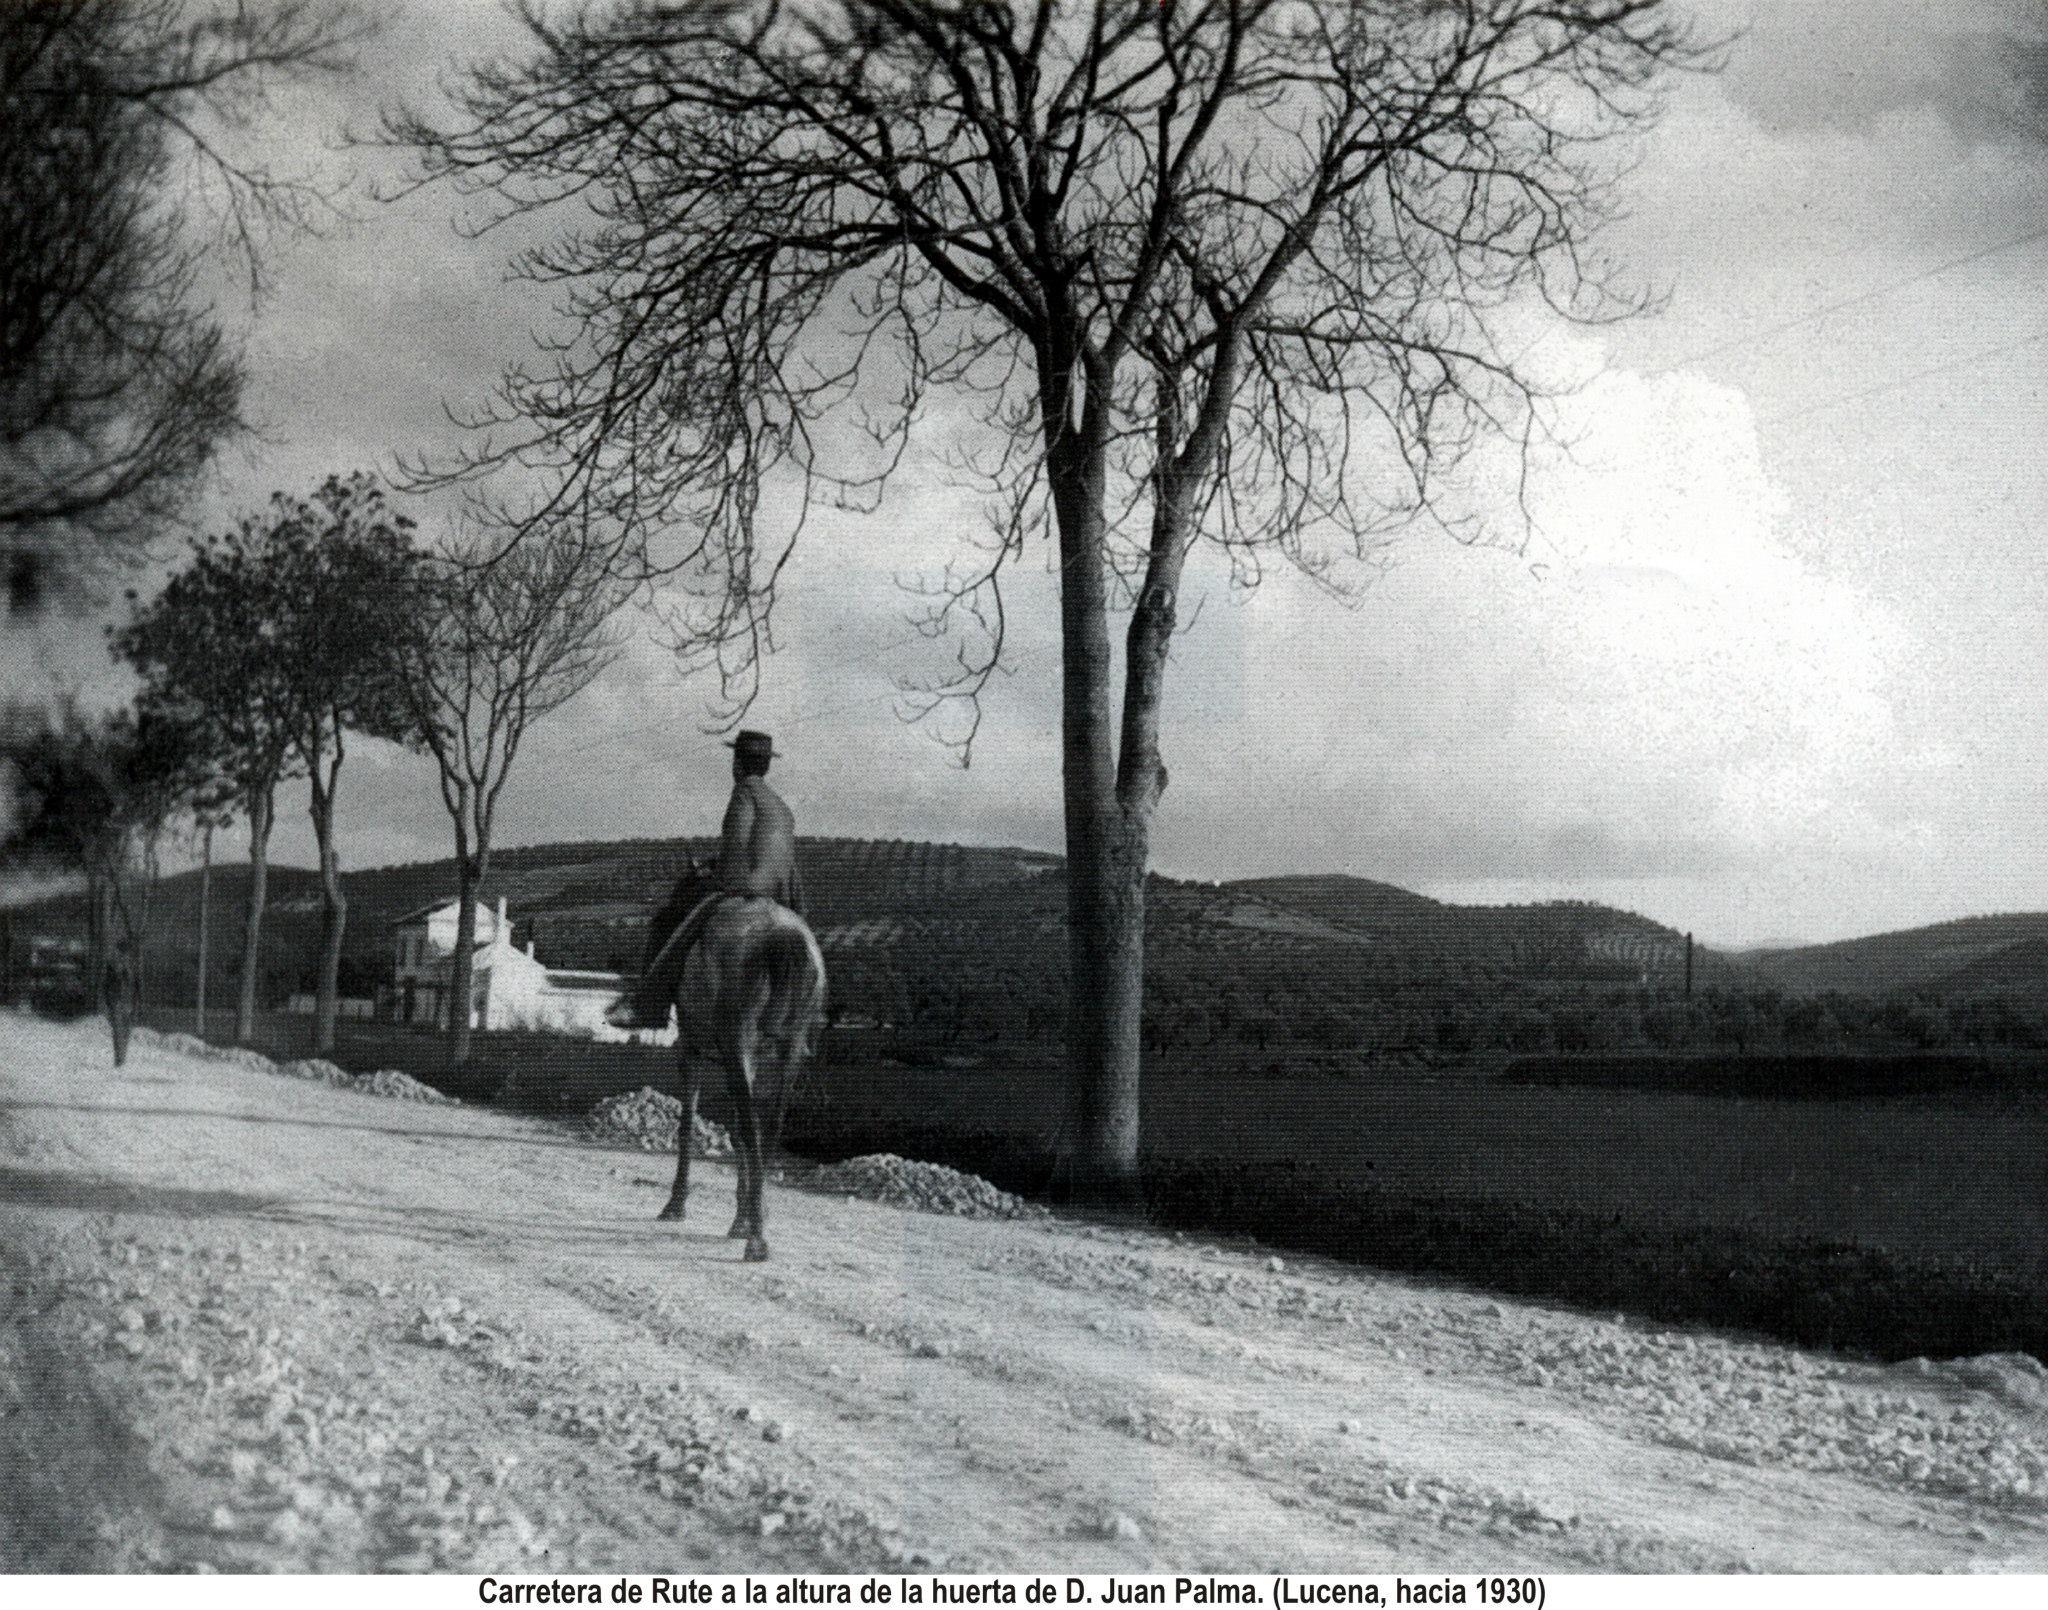 Carretera de Rute. Huerta de D. Juan de Palma. 1930